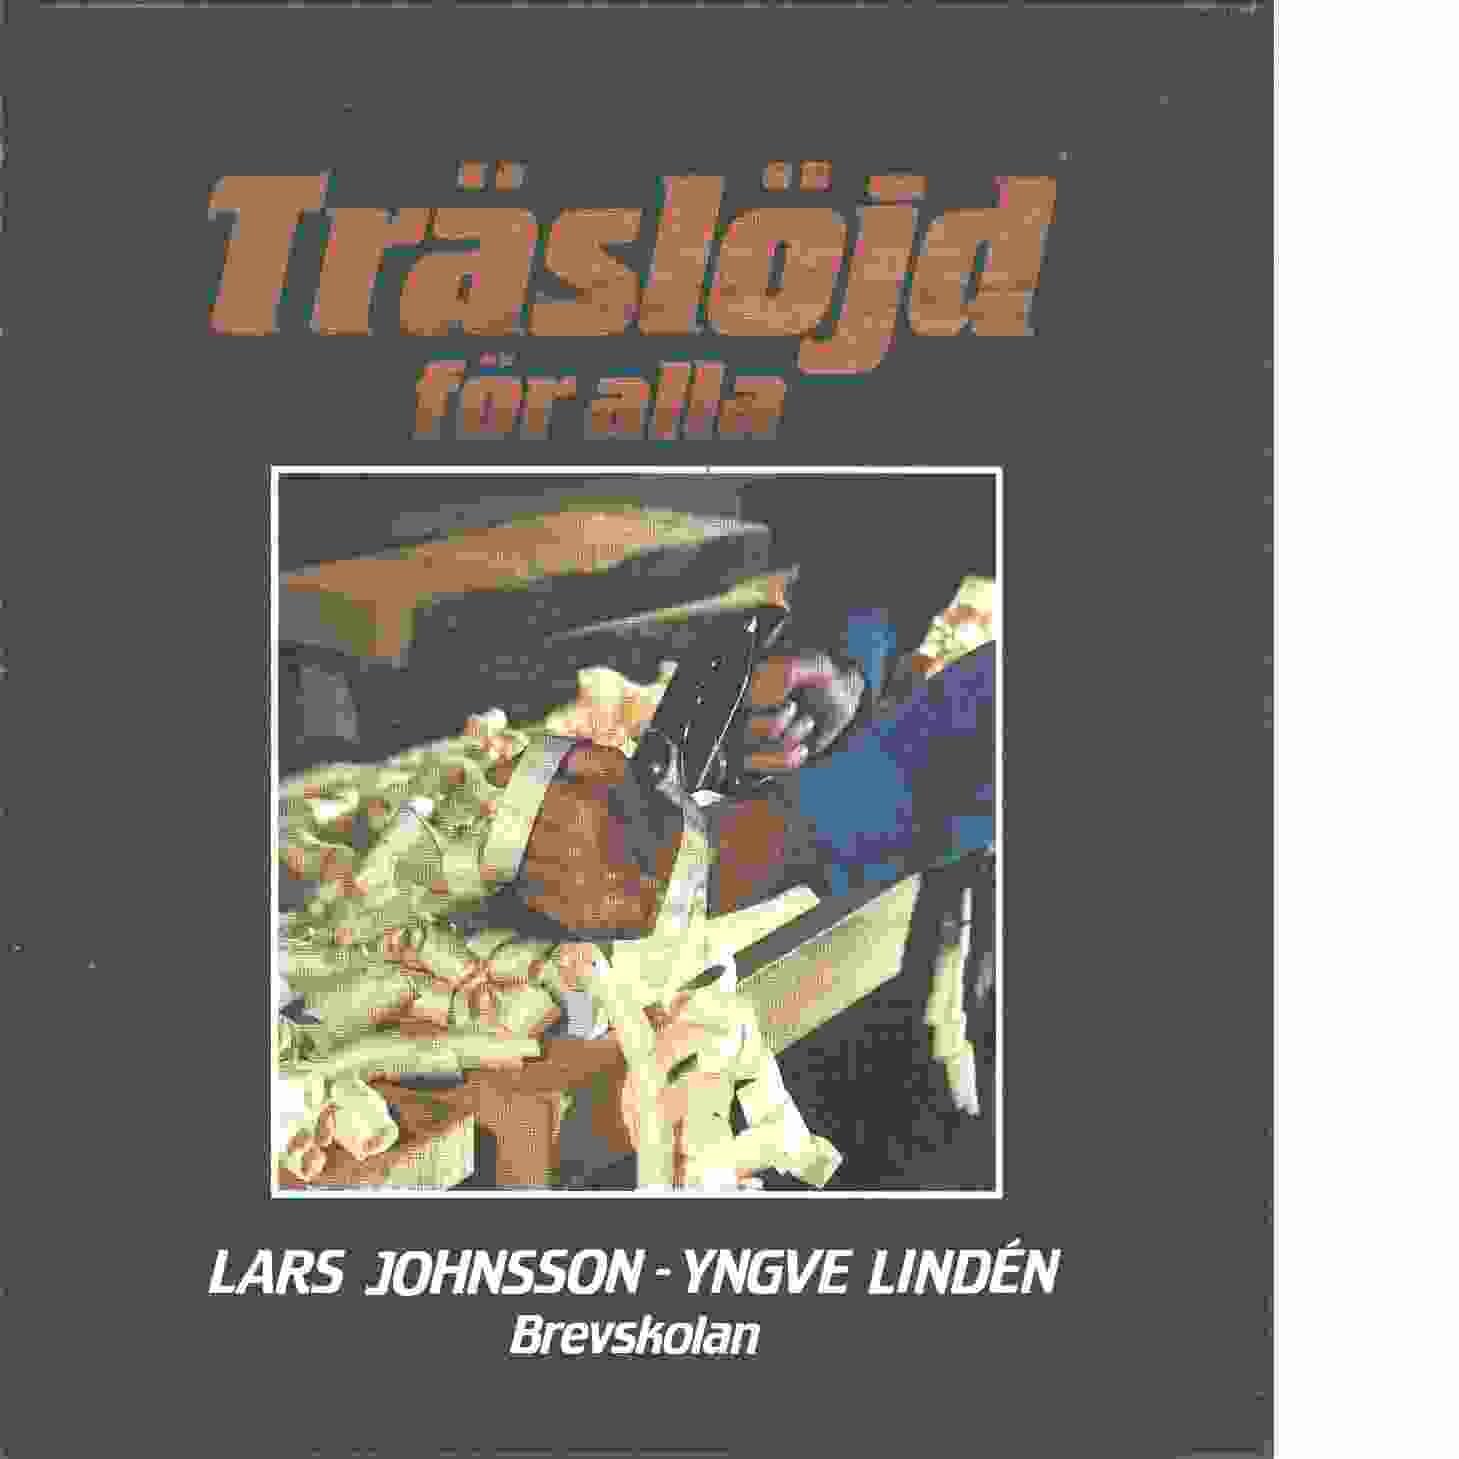 Träslöjd för alla - Johnsson, Lars och Lindén, Yngve